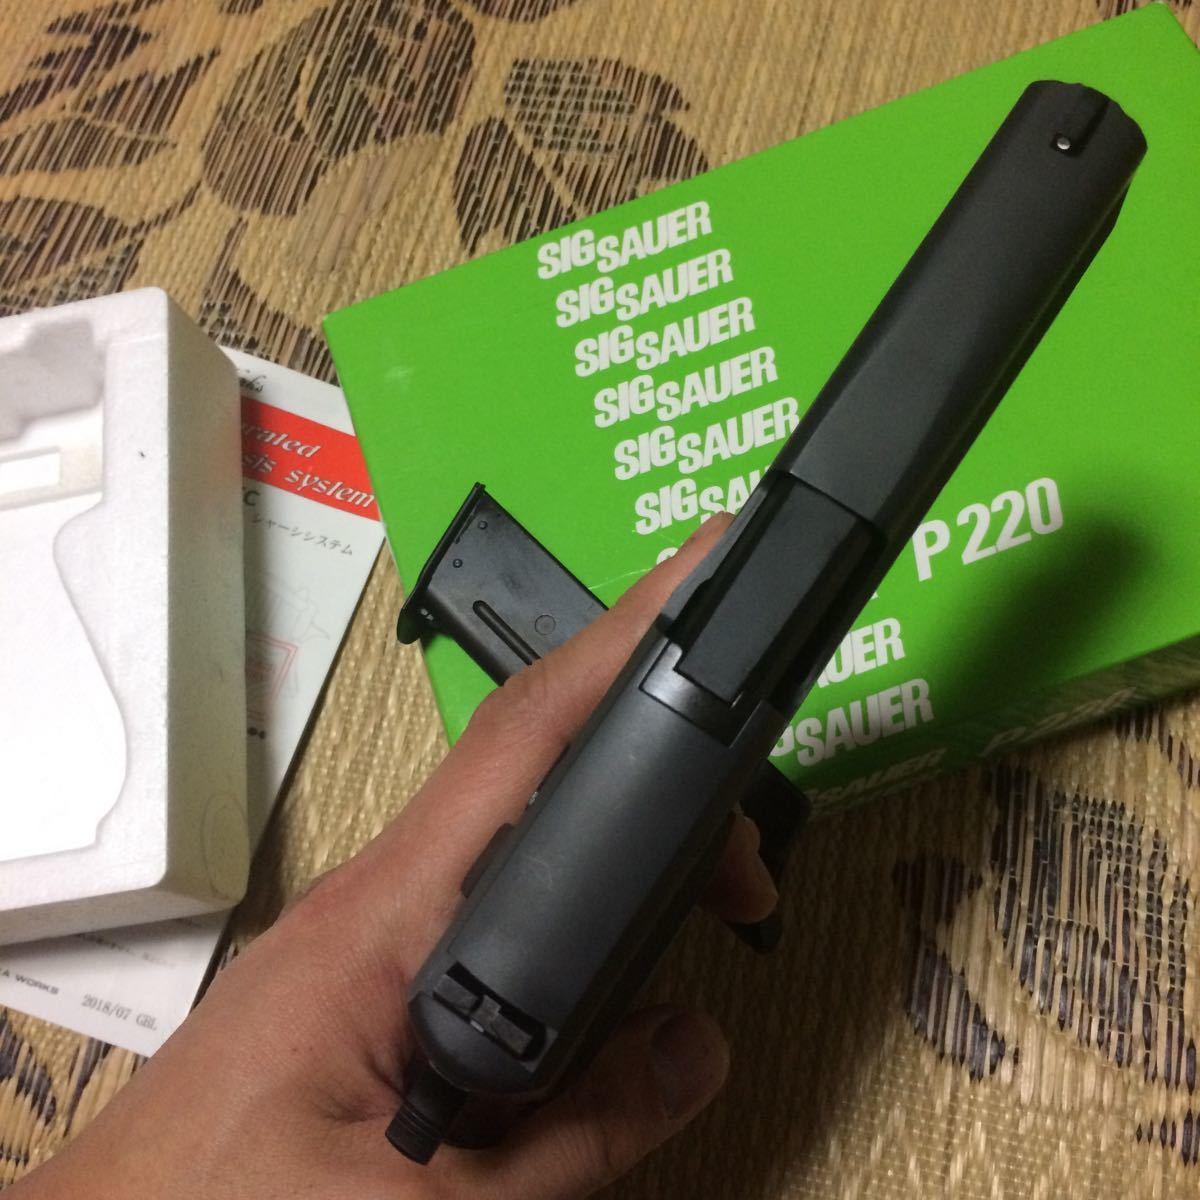 タナカ 航空自衛隊 P220 9mmけん銃 9mm拳銃 Ic ABS ガスブローバック_画像5